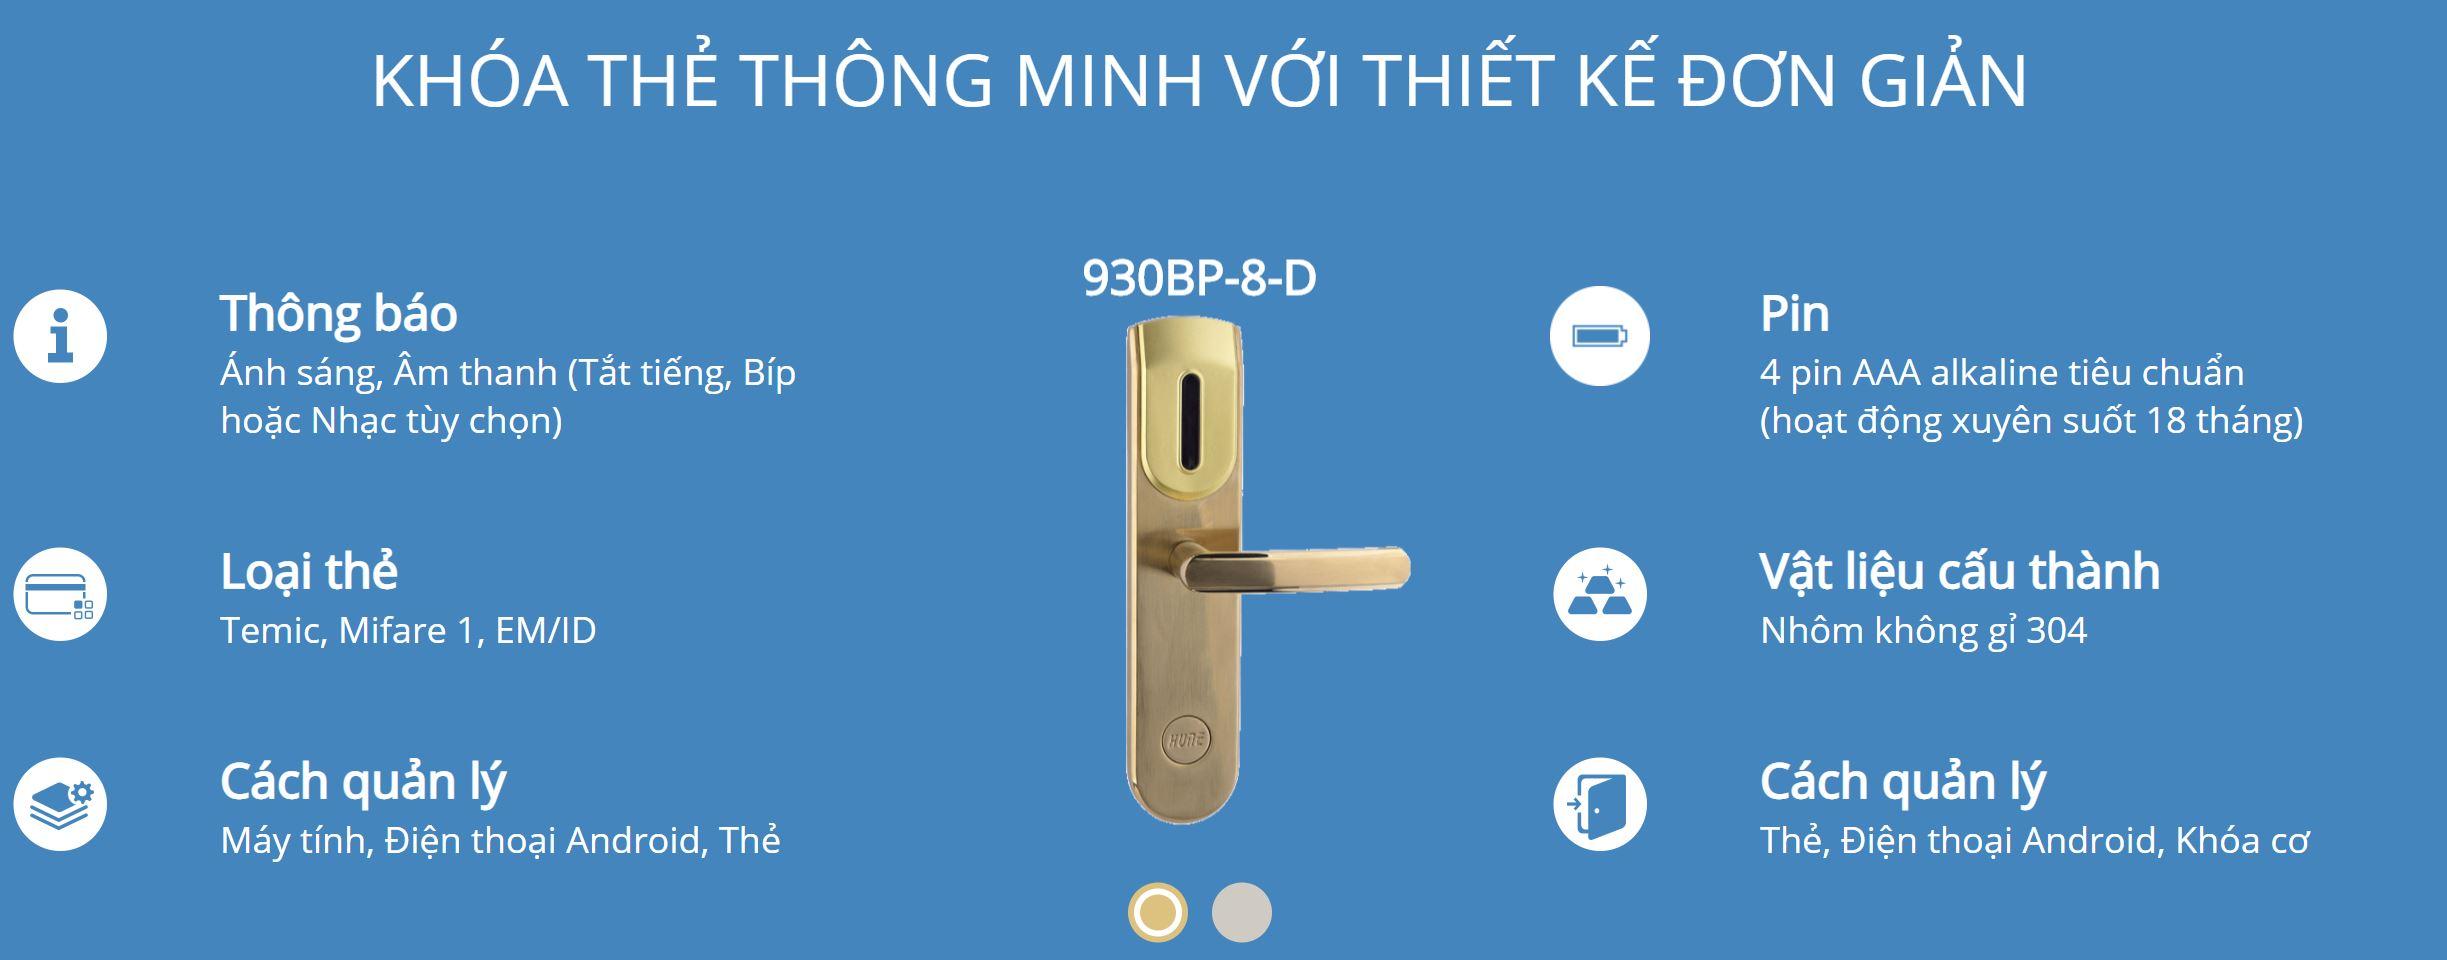 Thông tin kỹ thuật khóa thẻ Hune 930-8-D